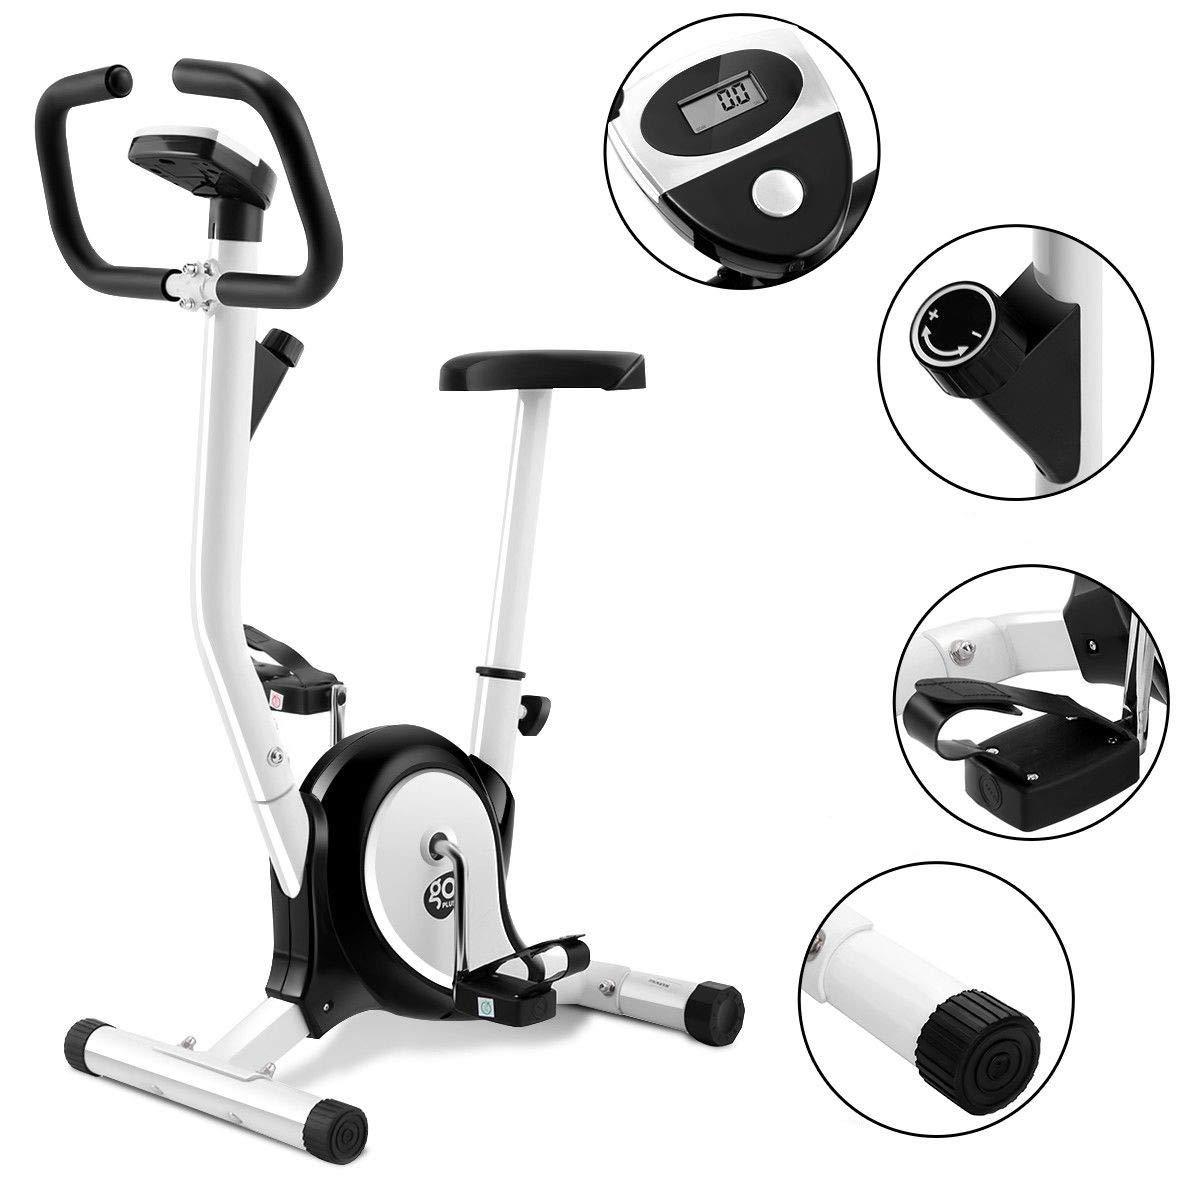 COSTWAY V/élo d/'Appartement Fitness Musculation V/élo d/'Exercice Hauteur R/églable avec Moniteur LCD Charge Max 120 Kg